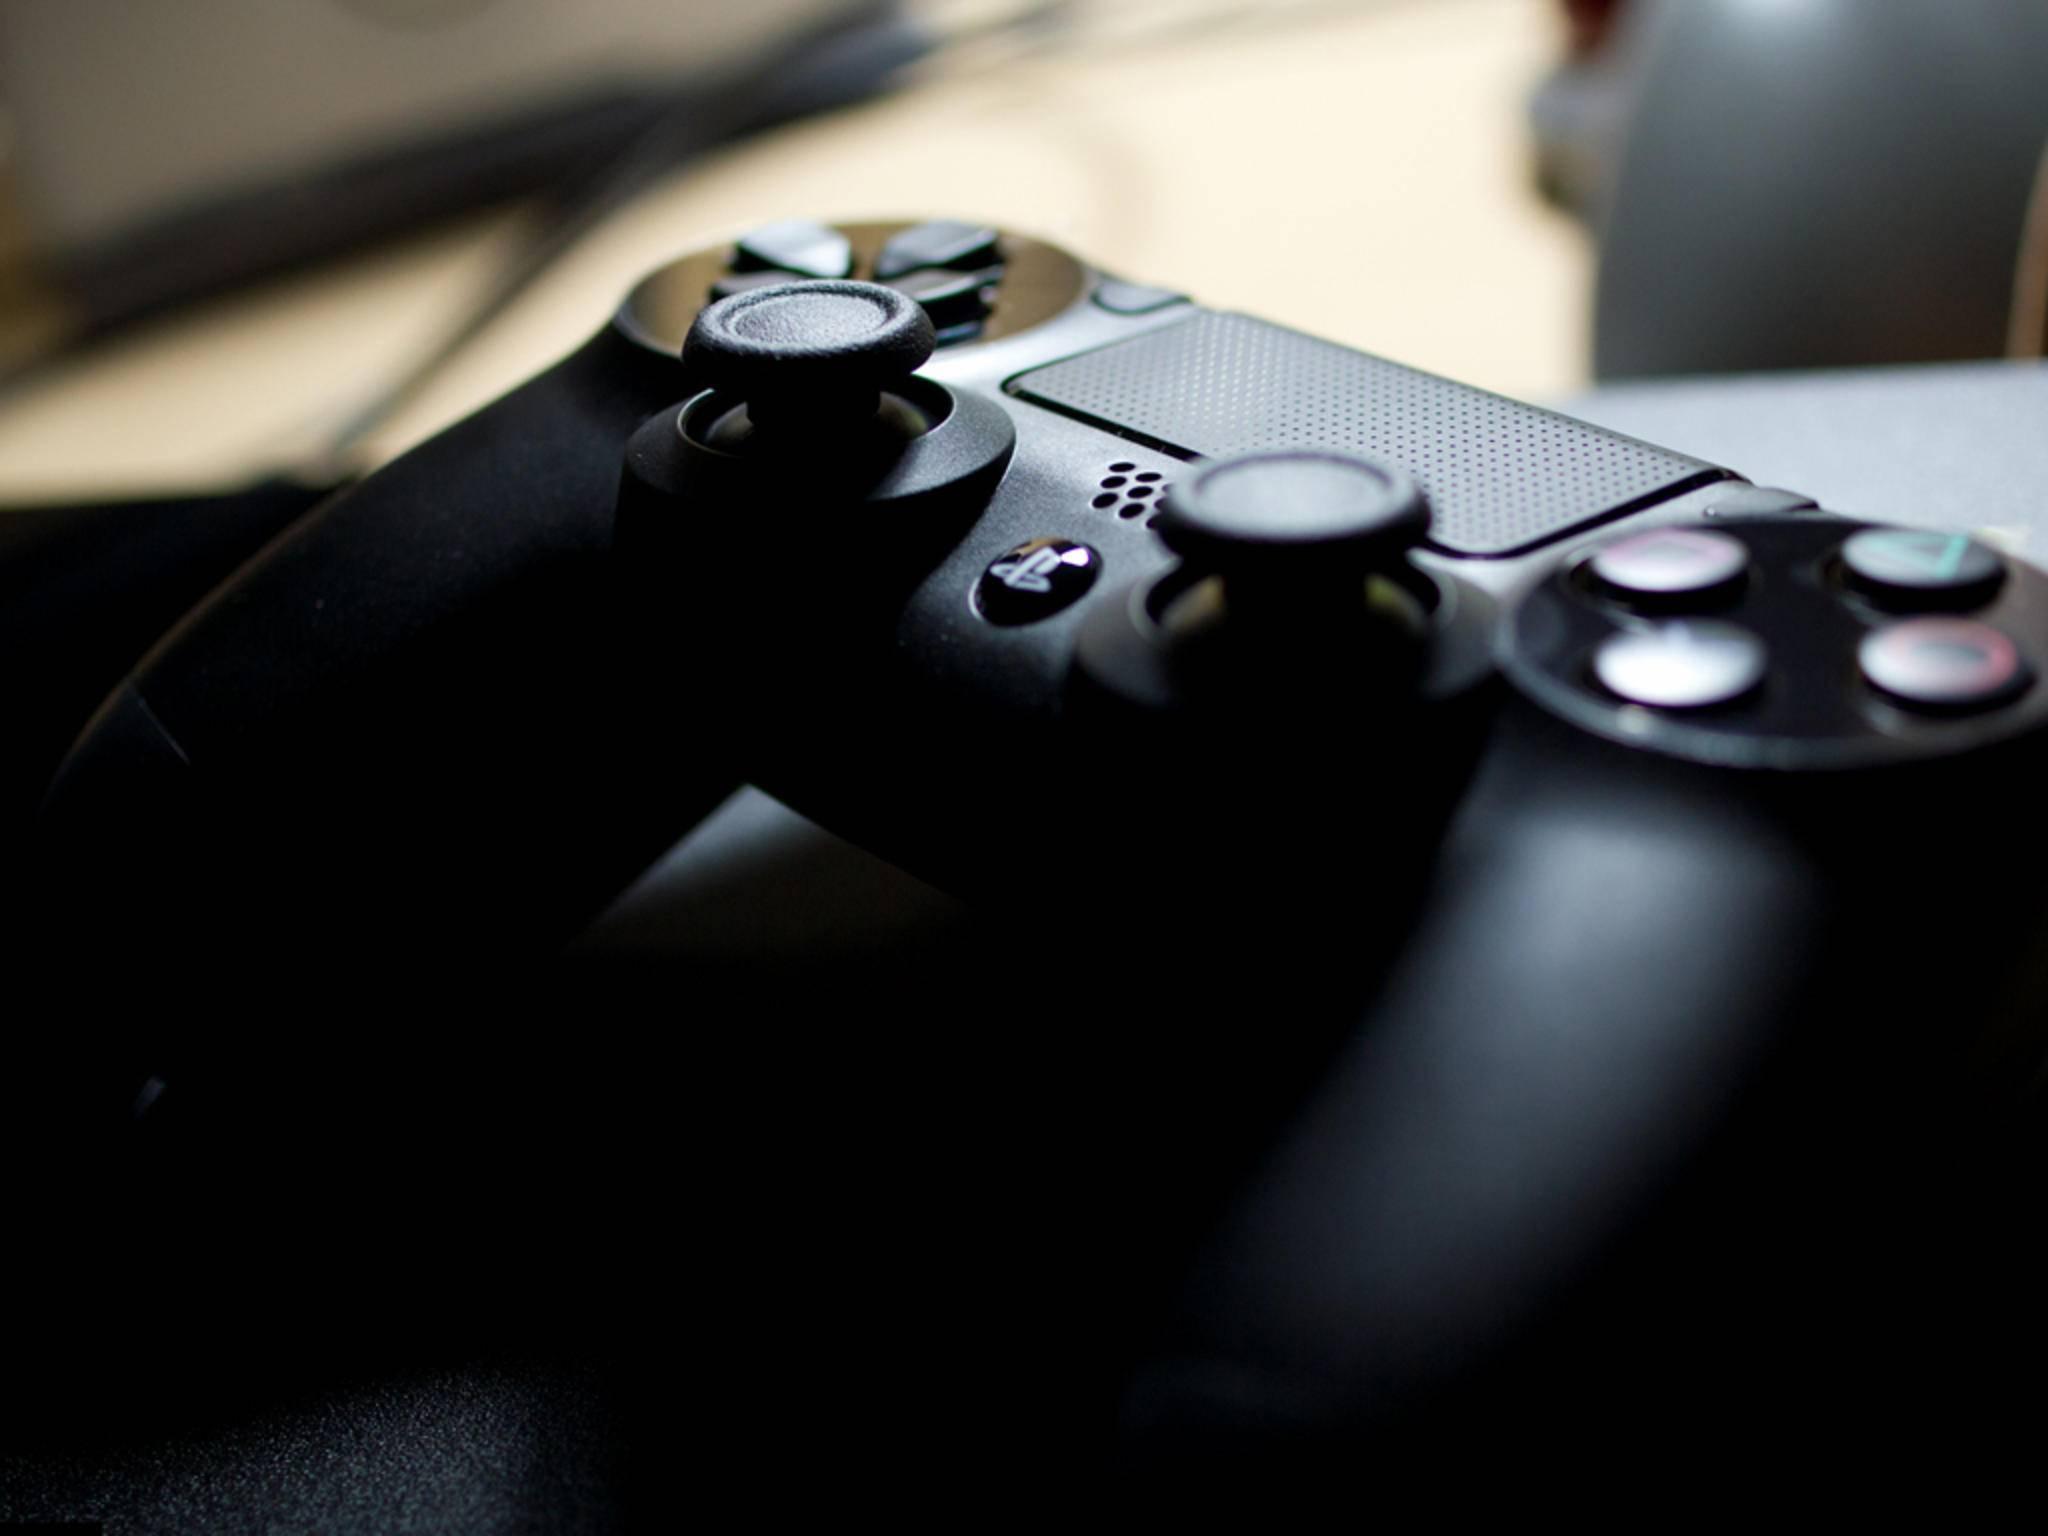 Stellt Sony im September zwei neue Konsolen vor?